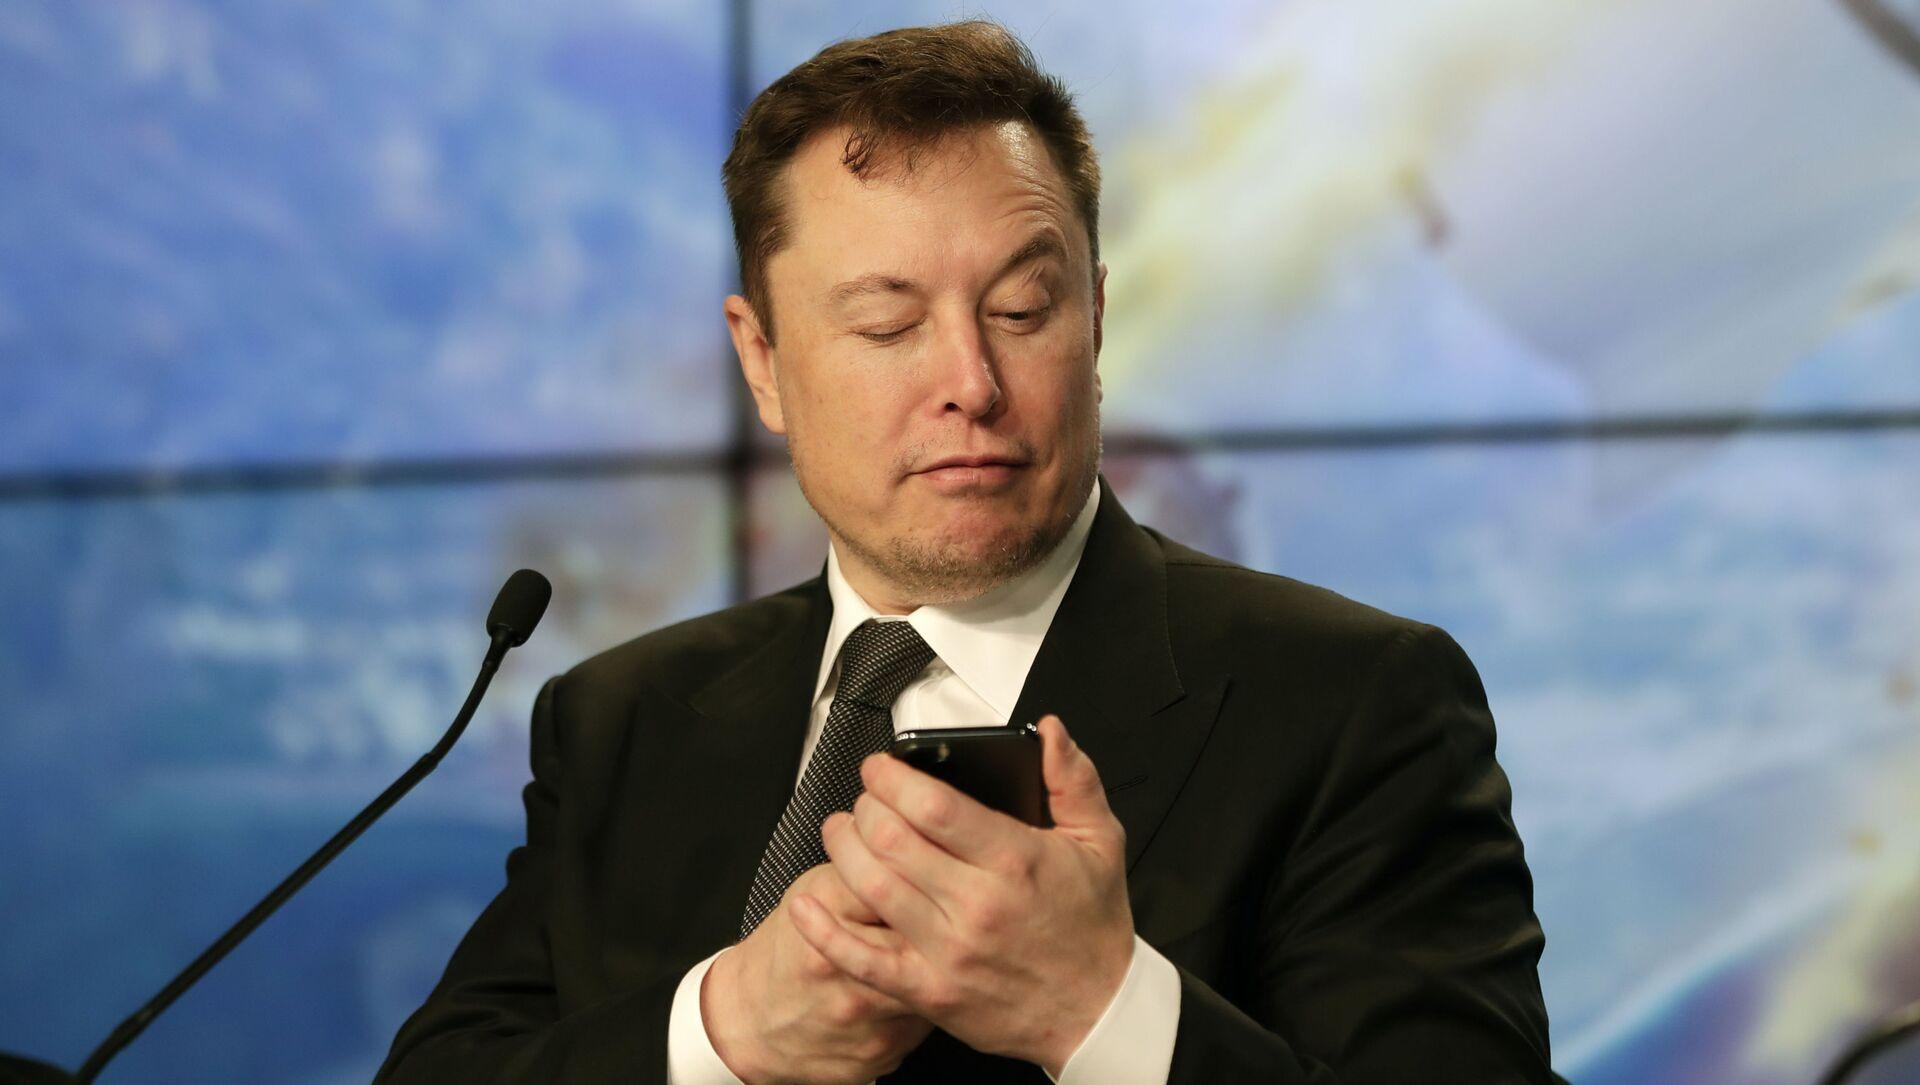 Elon Musk fondatore e CEO di Tesla e SpaceX - Sputnik Italia, 1920, 14.05.2021